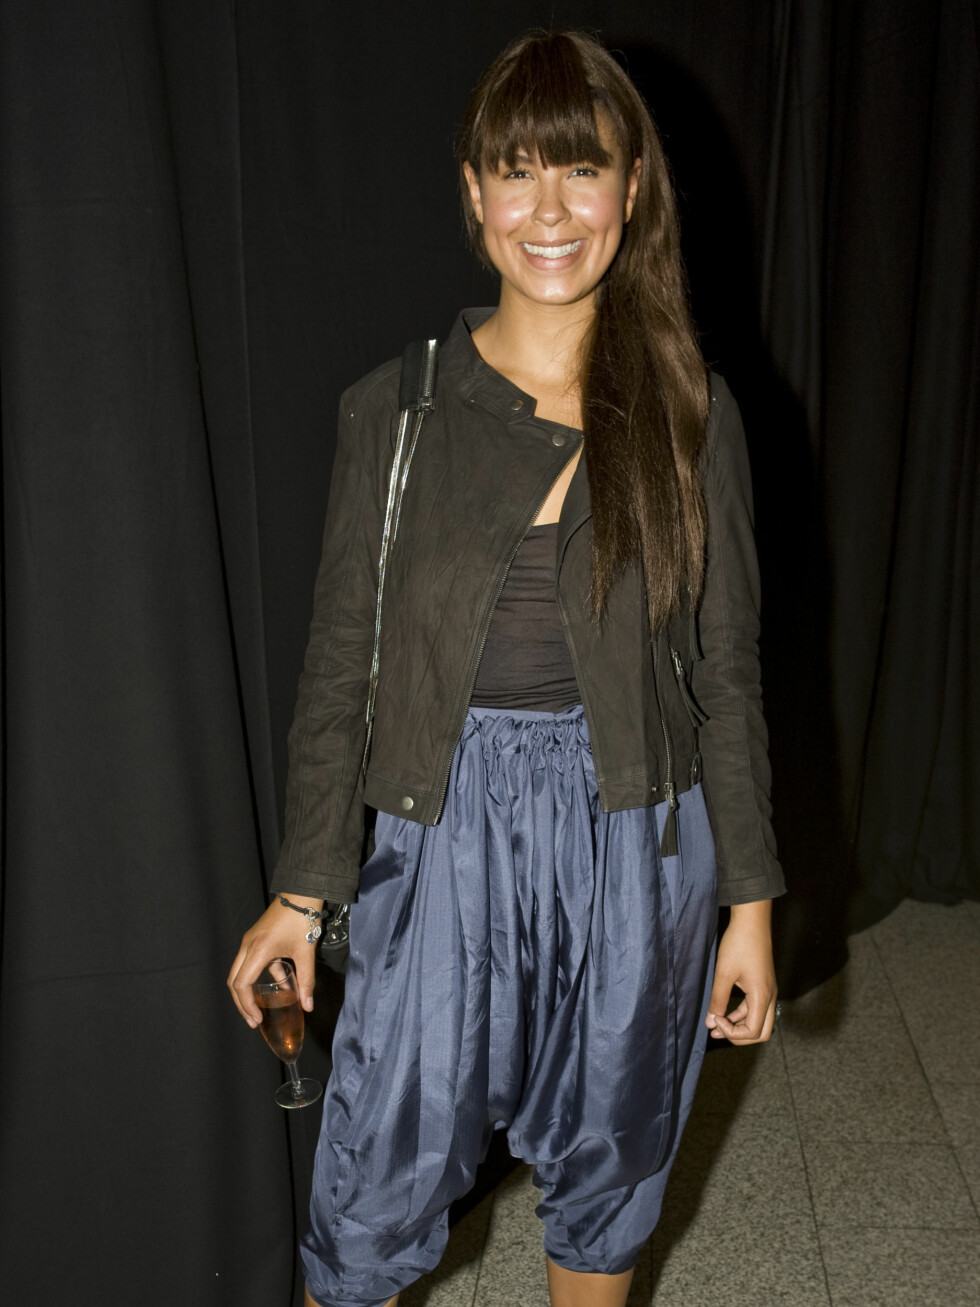 En superblid Maria Mena strålte i jakke fra Zara, bukse fra den danske designeren Stine Goya, sko fra Din Sko og smykker fra Thomas Sabo. - Jeg er jo dessverre vanvittig påvirket av moteblader da, og veldig interessert i det, innrømmer hun. Les mer om Maria på Seher.no.